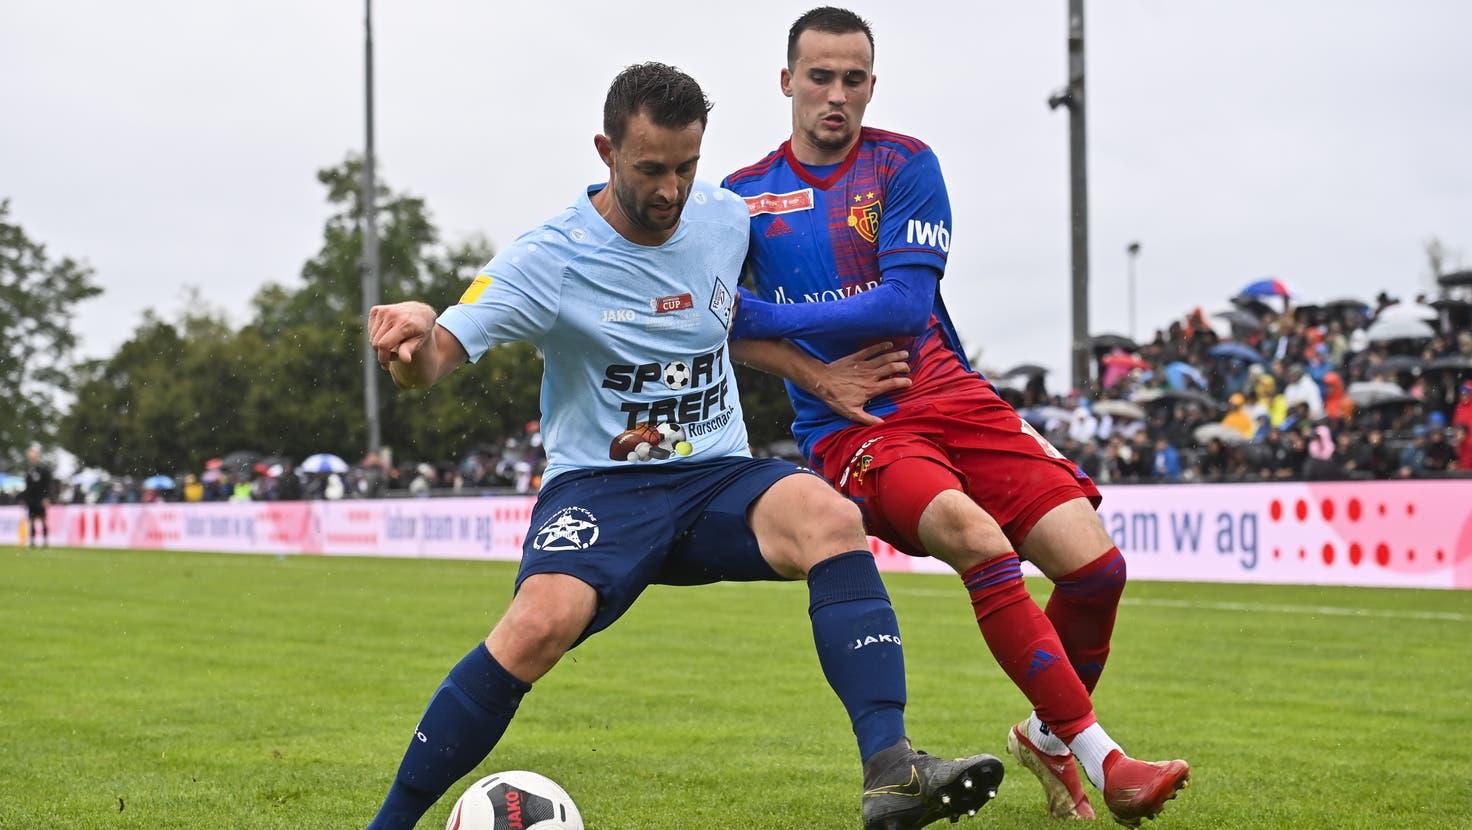 Der FCB gewinnt mit 3:0 gegen den FC Rorschach-Goldach und qualifiziert sich für die Achtelfinals des Schweizer Cups